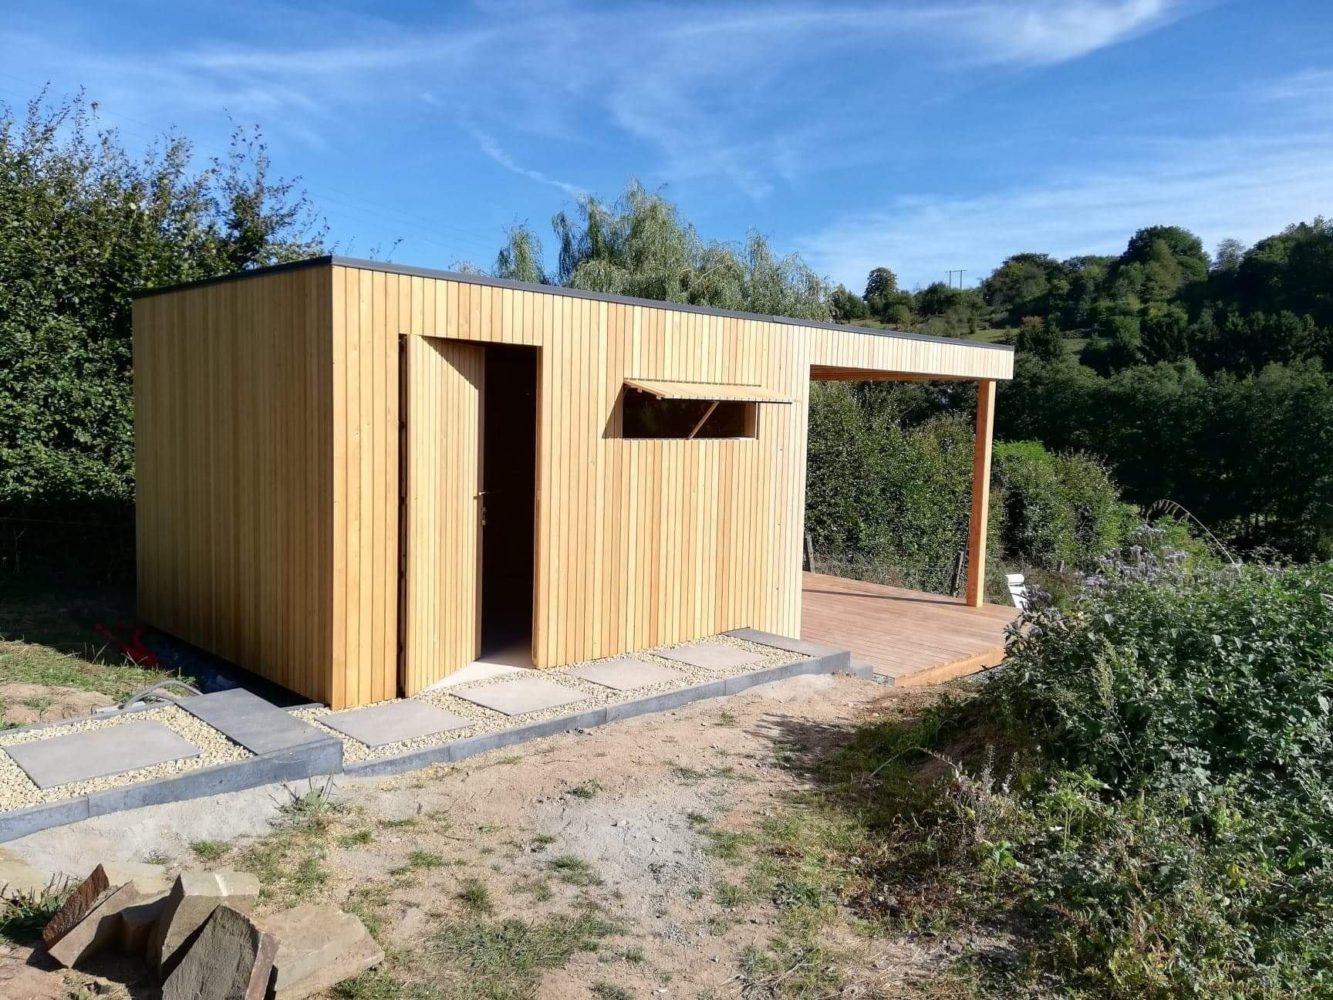 Tendance Bois - Menuiserie Et Mobilier Bois | Abri De Jardin ... avec Abri De Jardin Design